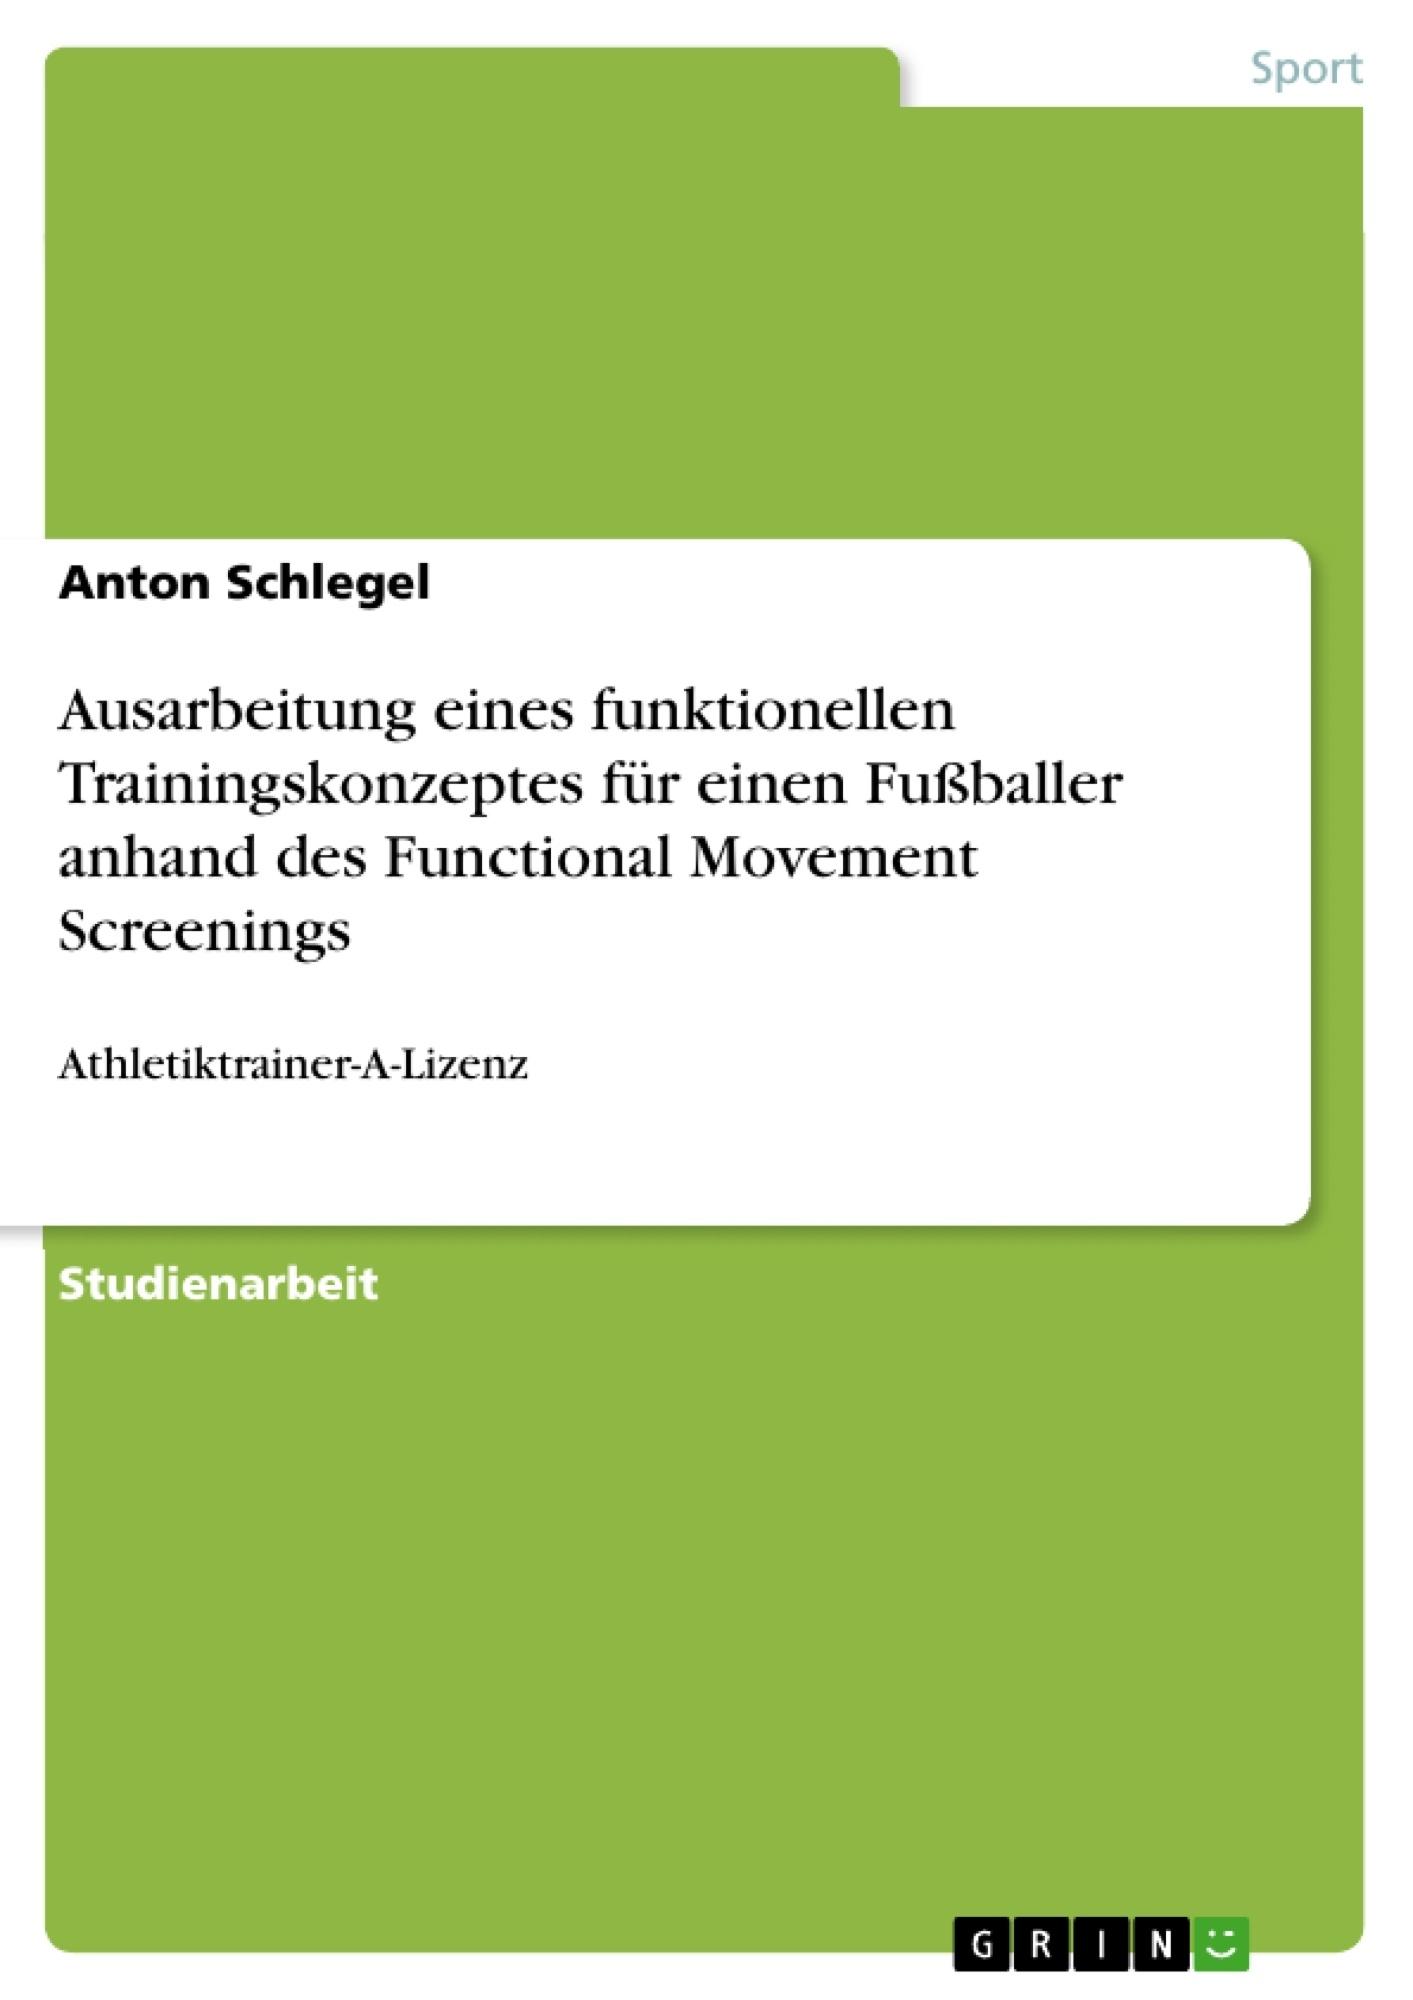 Titel: Ausarbeitung eines funktionellen Trainingskonzeptes für einen Fußballer anhand des Functional Movement Screenings